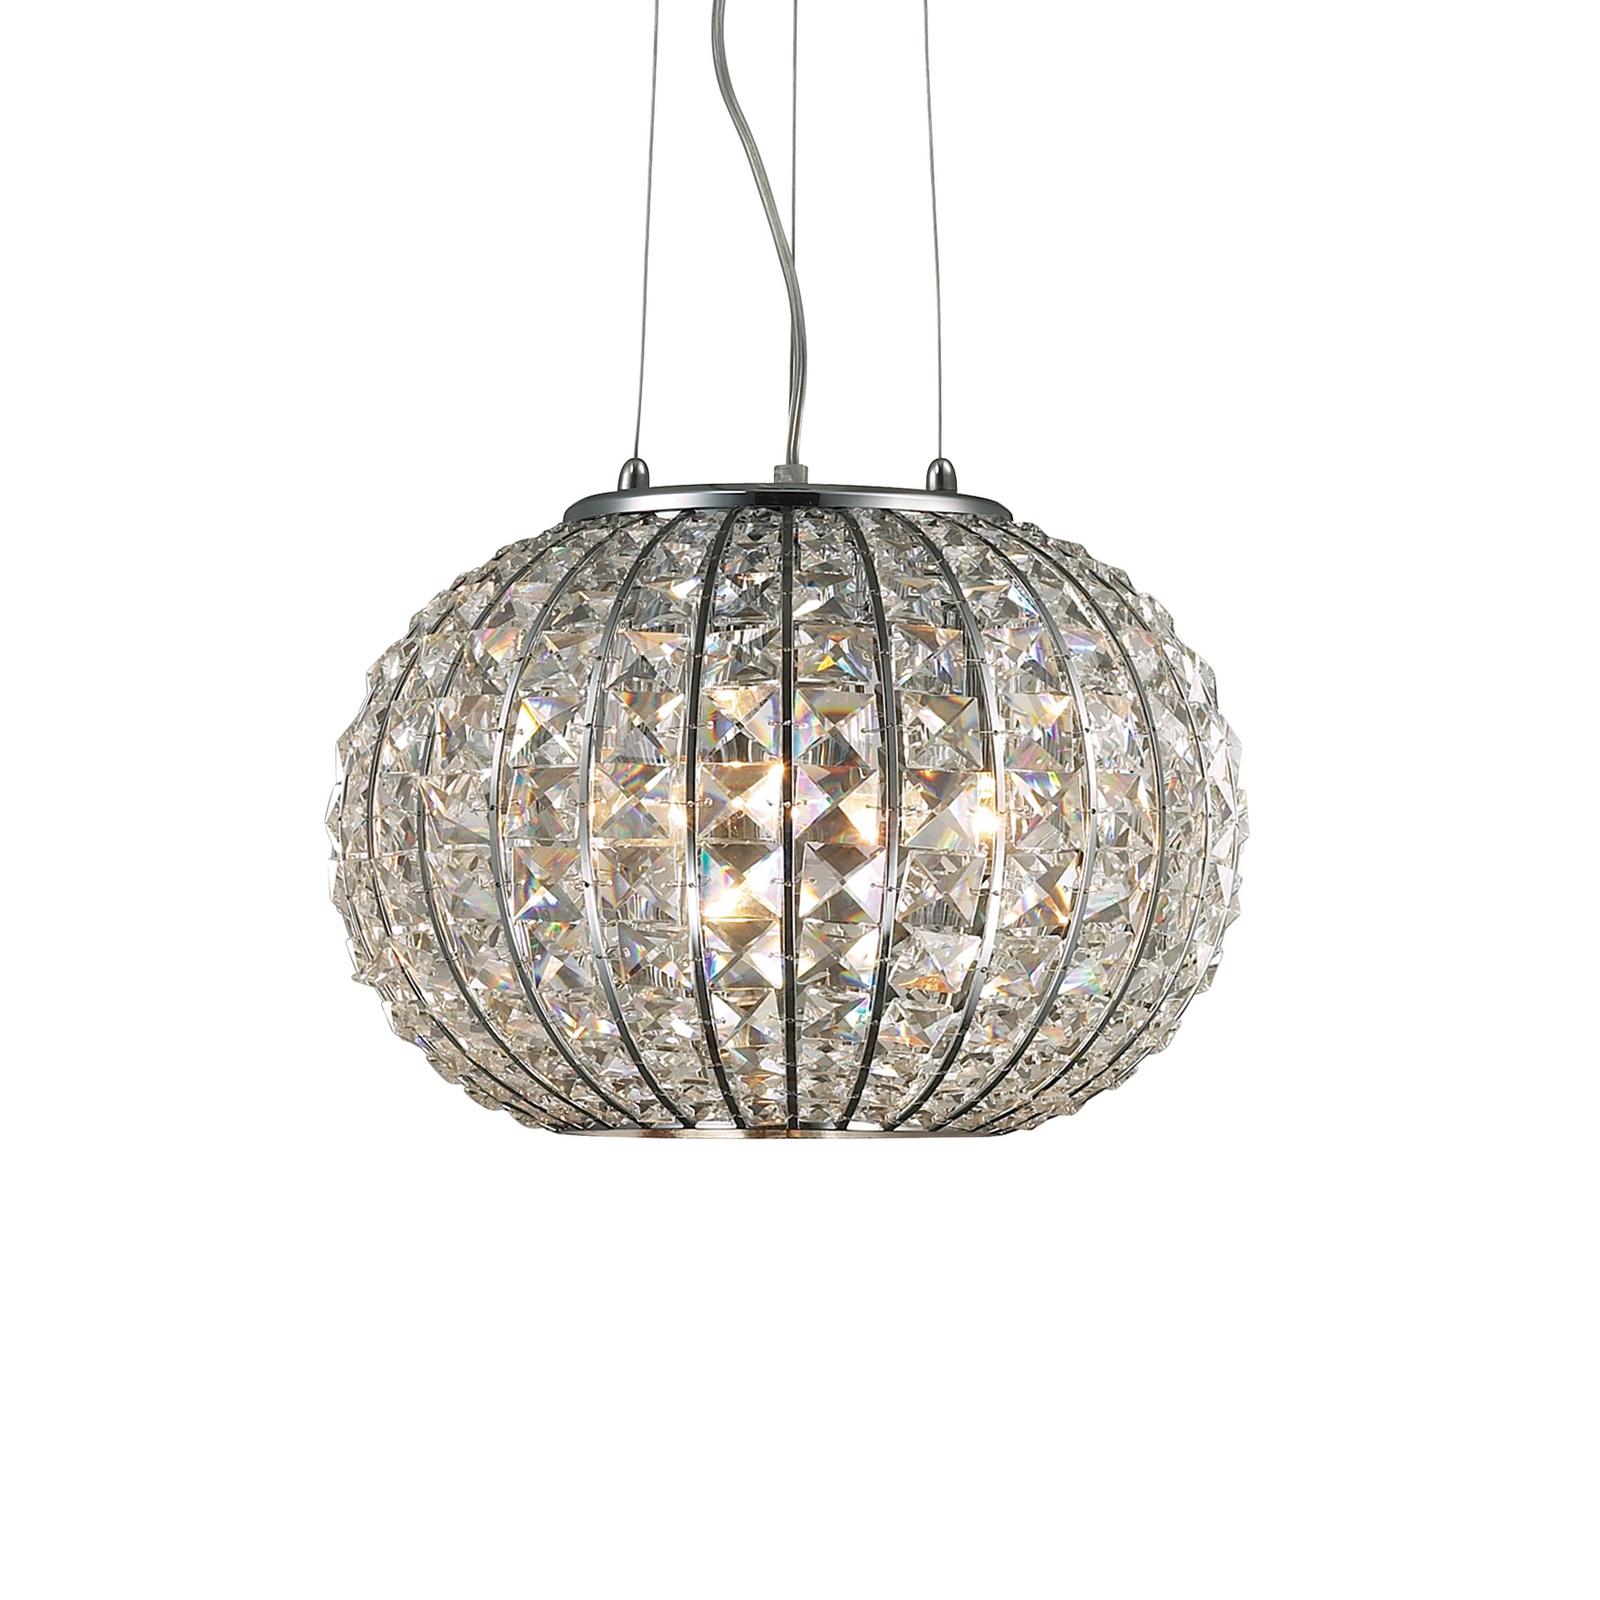 Подвесной светильник Ideal Lux SP3, E14, 40 Вт подвесной светильник ideal lux wheel sp3 009681